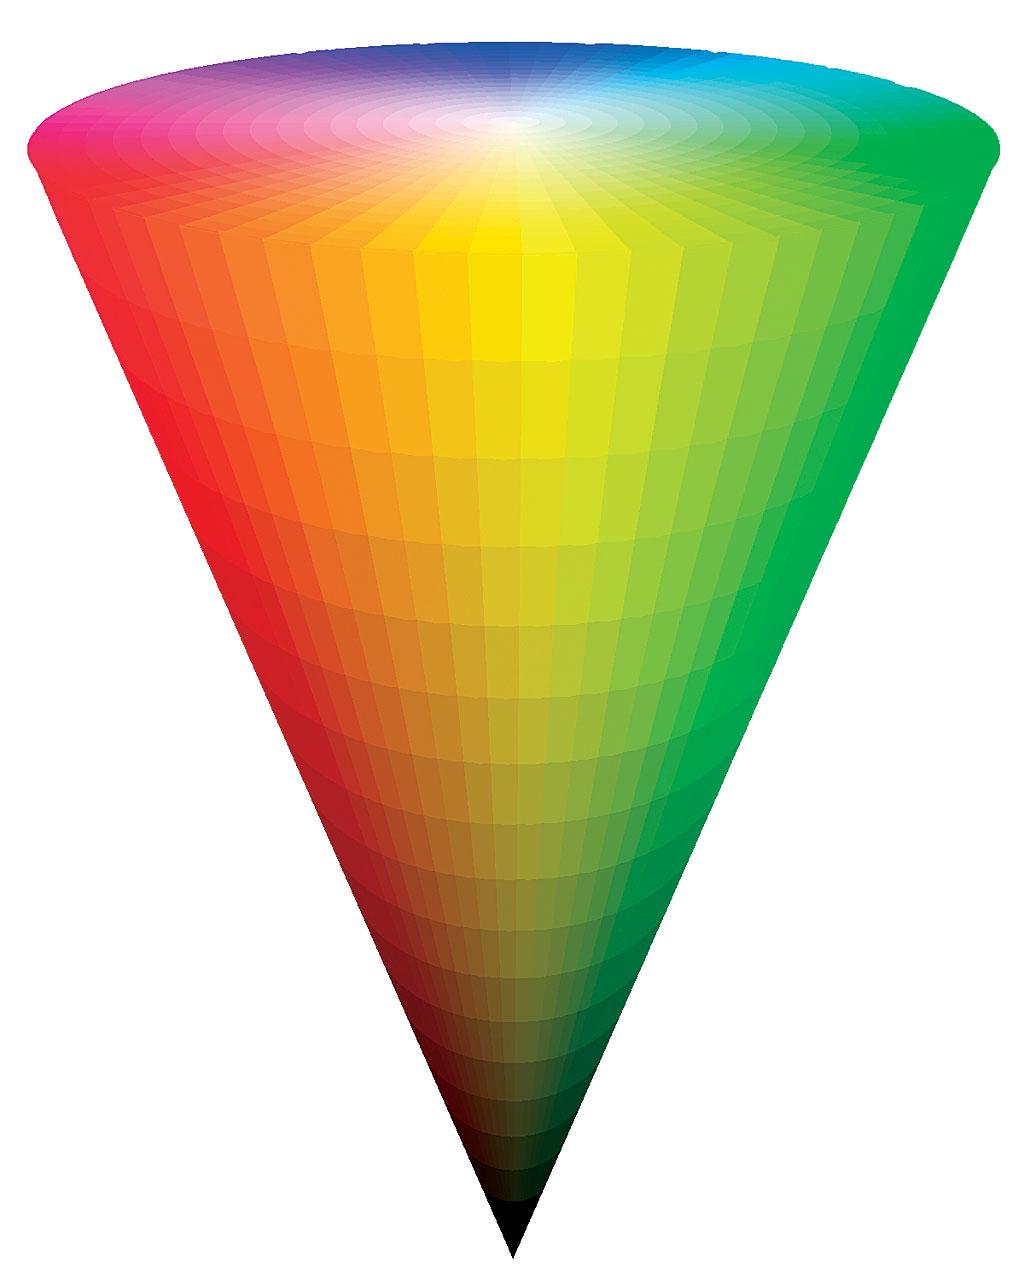 Рис. 5. Отображение цветового пространства HSV.